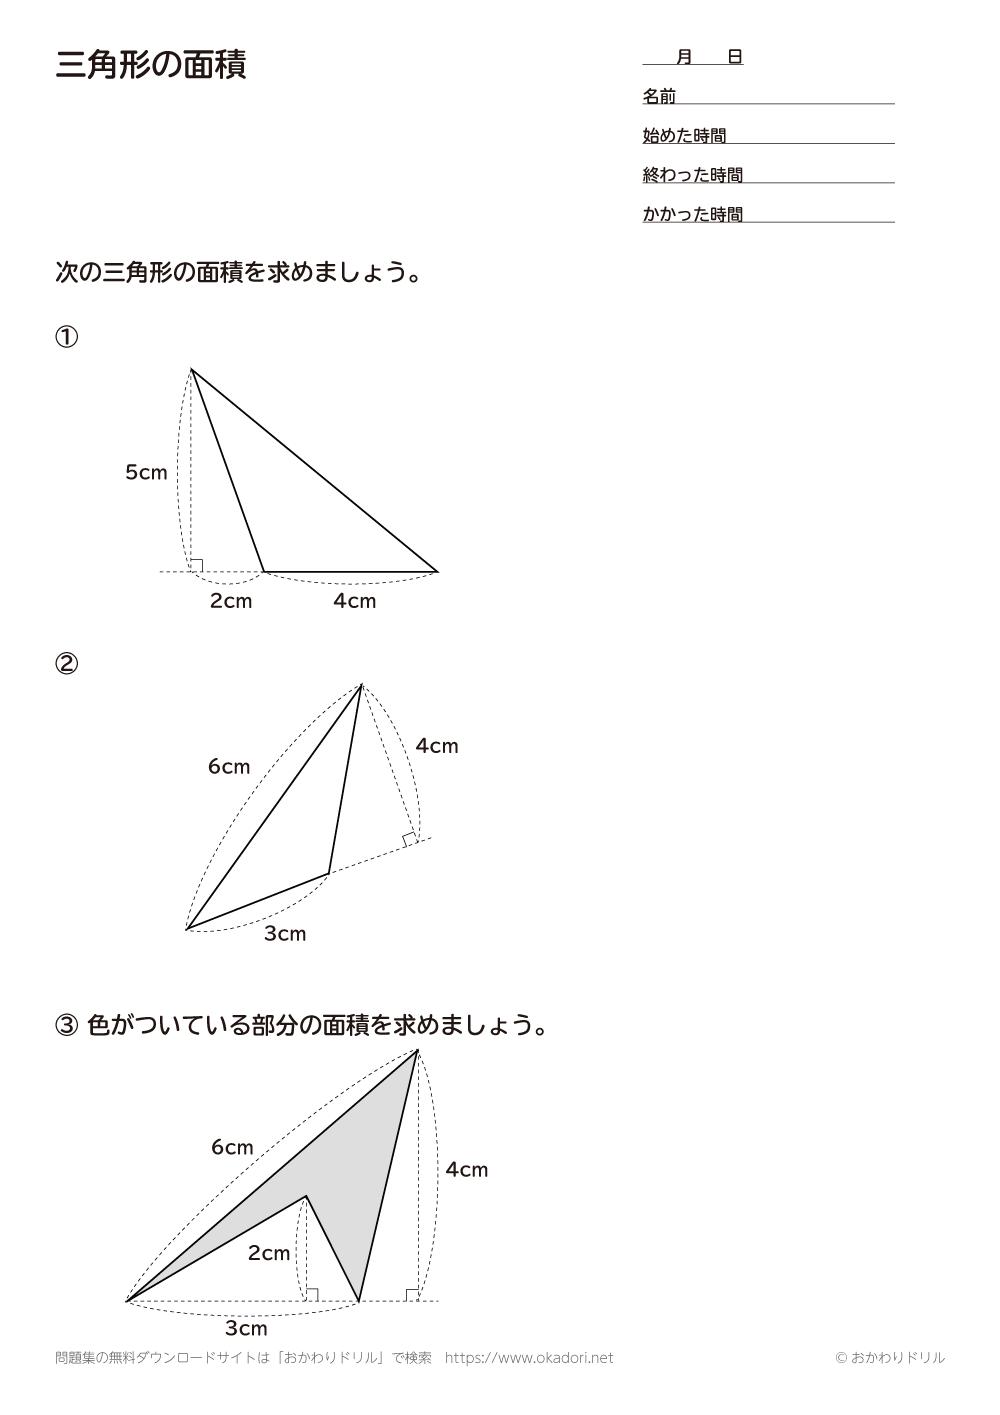 三角形の面積5